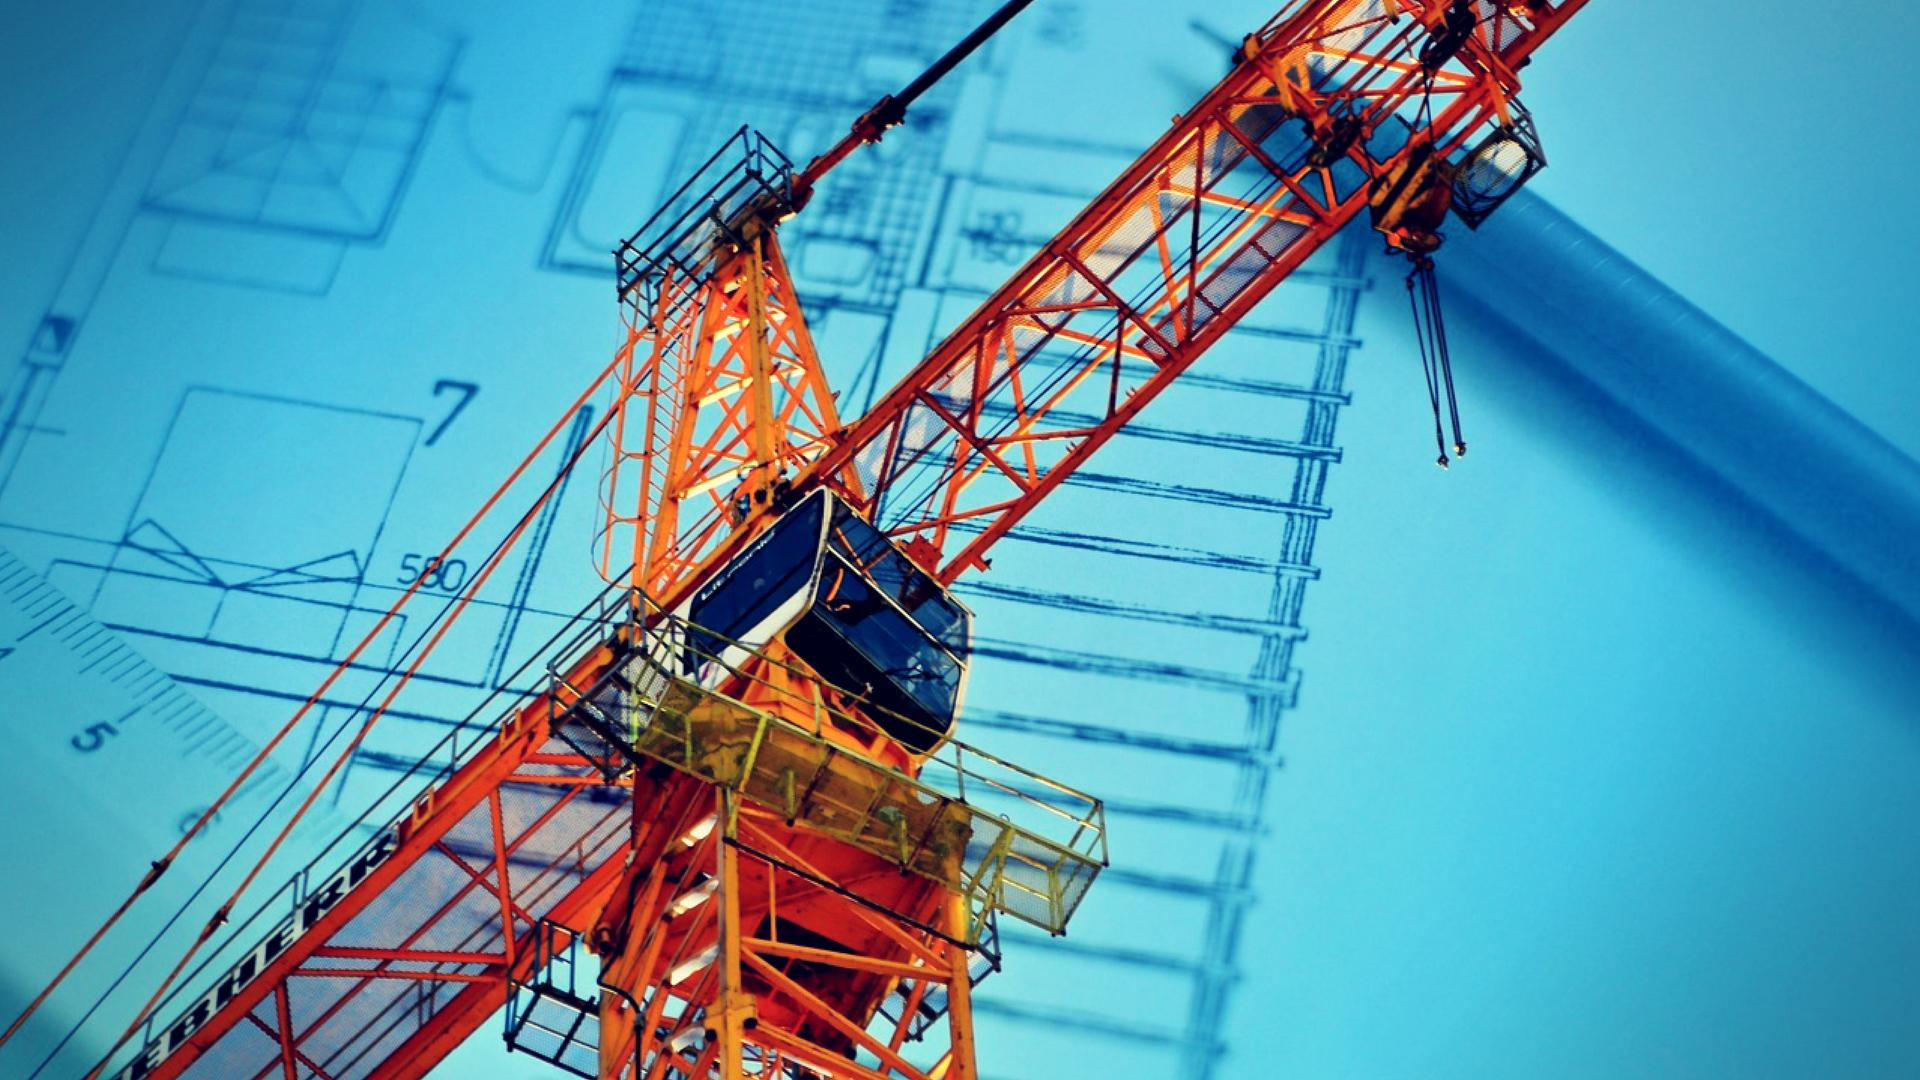 Ghid în construcții. Ce presupune și cum obținem Autorizația de Construire?